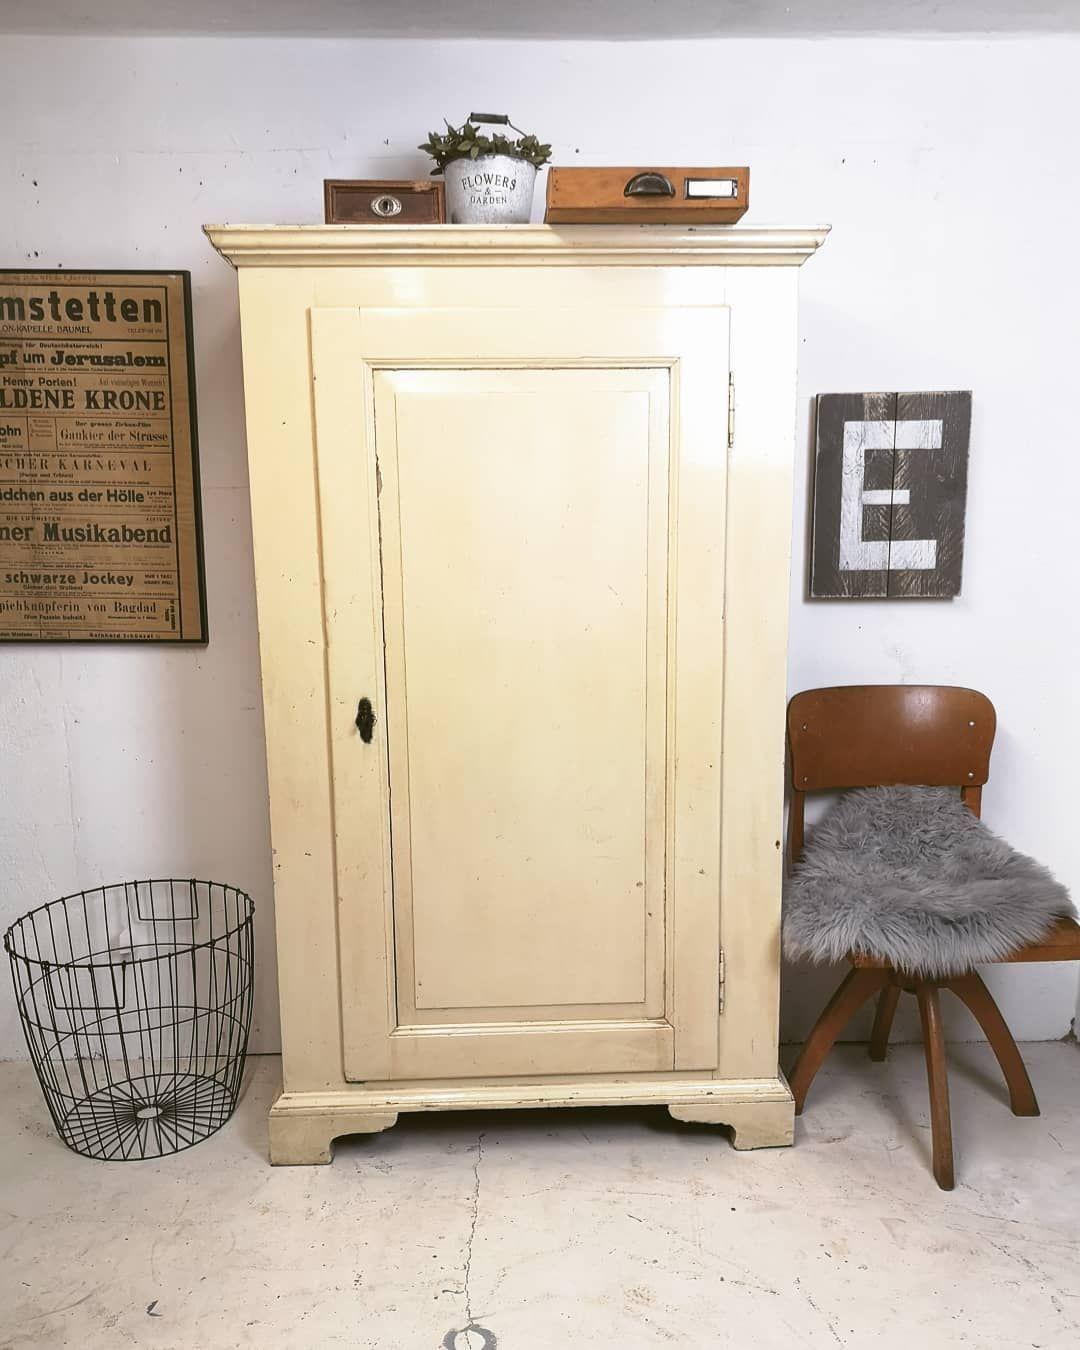 Ein Typischer Scheunenfund Shabby Schrank Wohnzimmer Antik Hyggelig Kommode Vintage Landhaus Landhausinterior Haus Deko Ruckwand Shabby